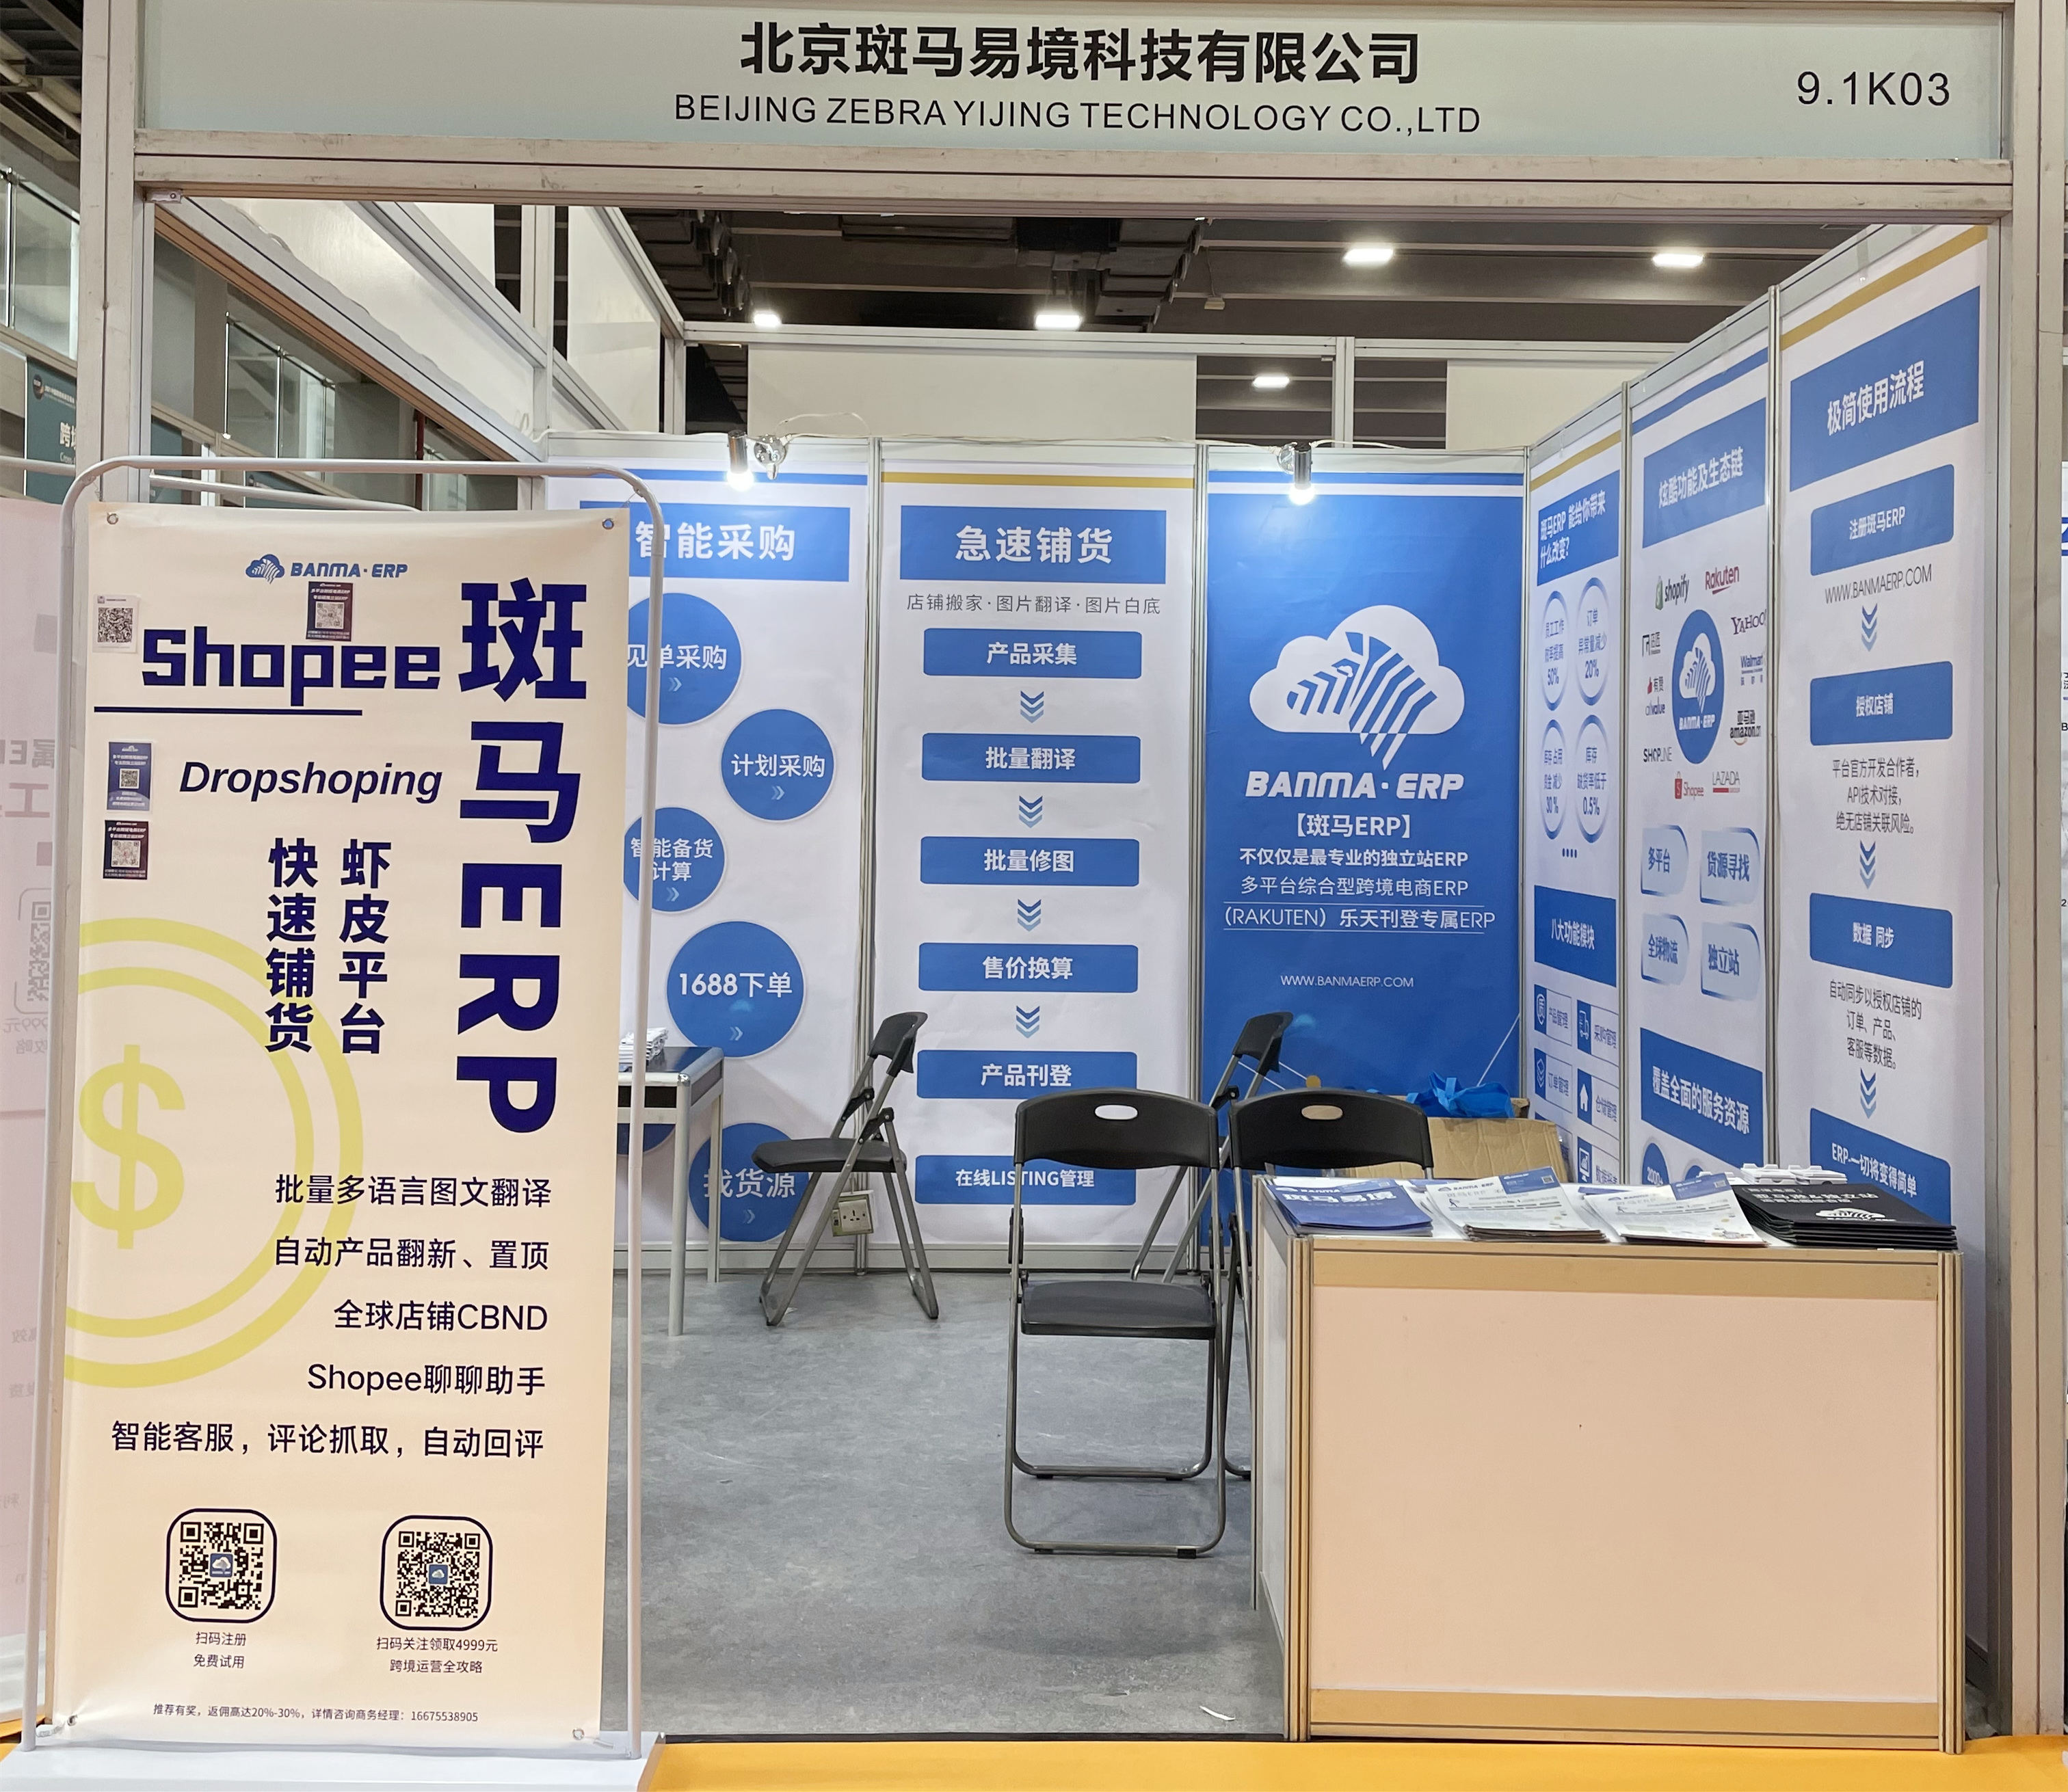 斑马ERP亮相2021中国跨境电商交易会(秋季)